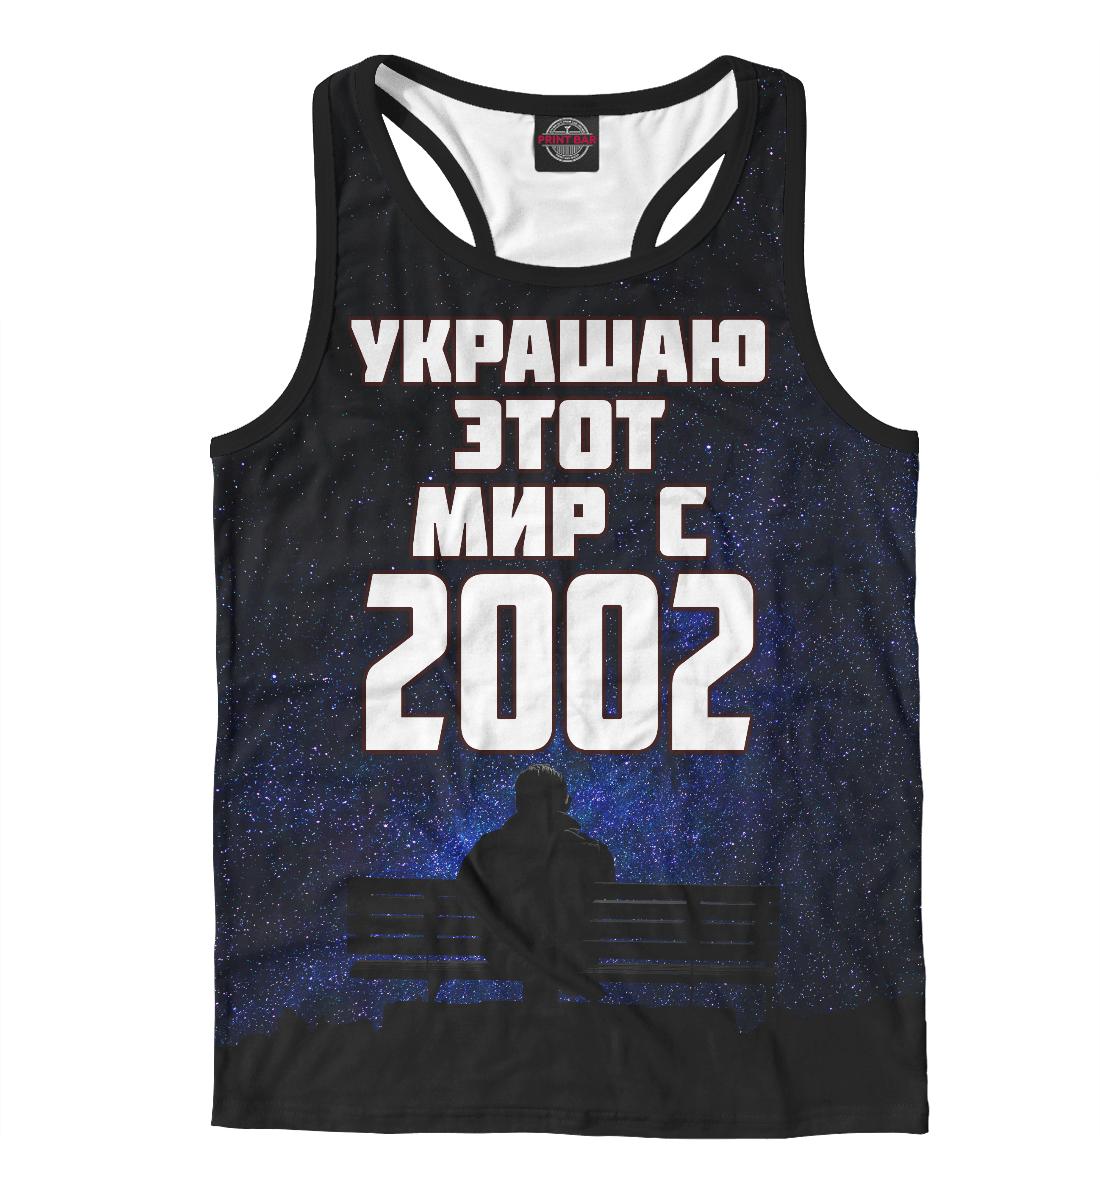 Купить Украшаю этот мир с 2002, Printbar, Майки борцовки, RZP-499905-mayb-2